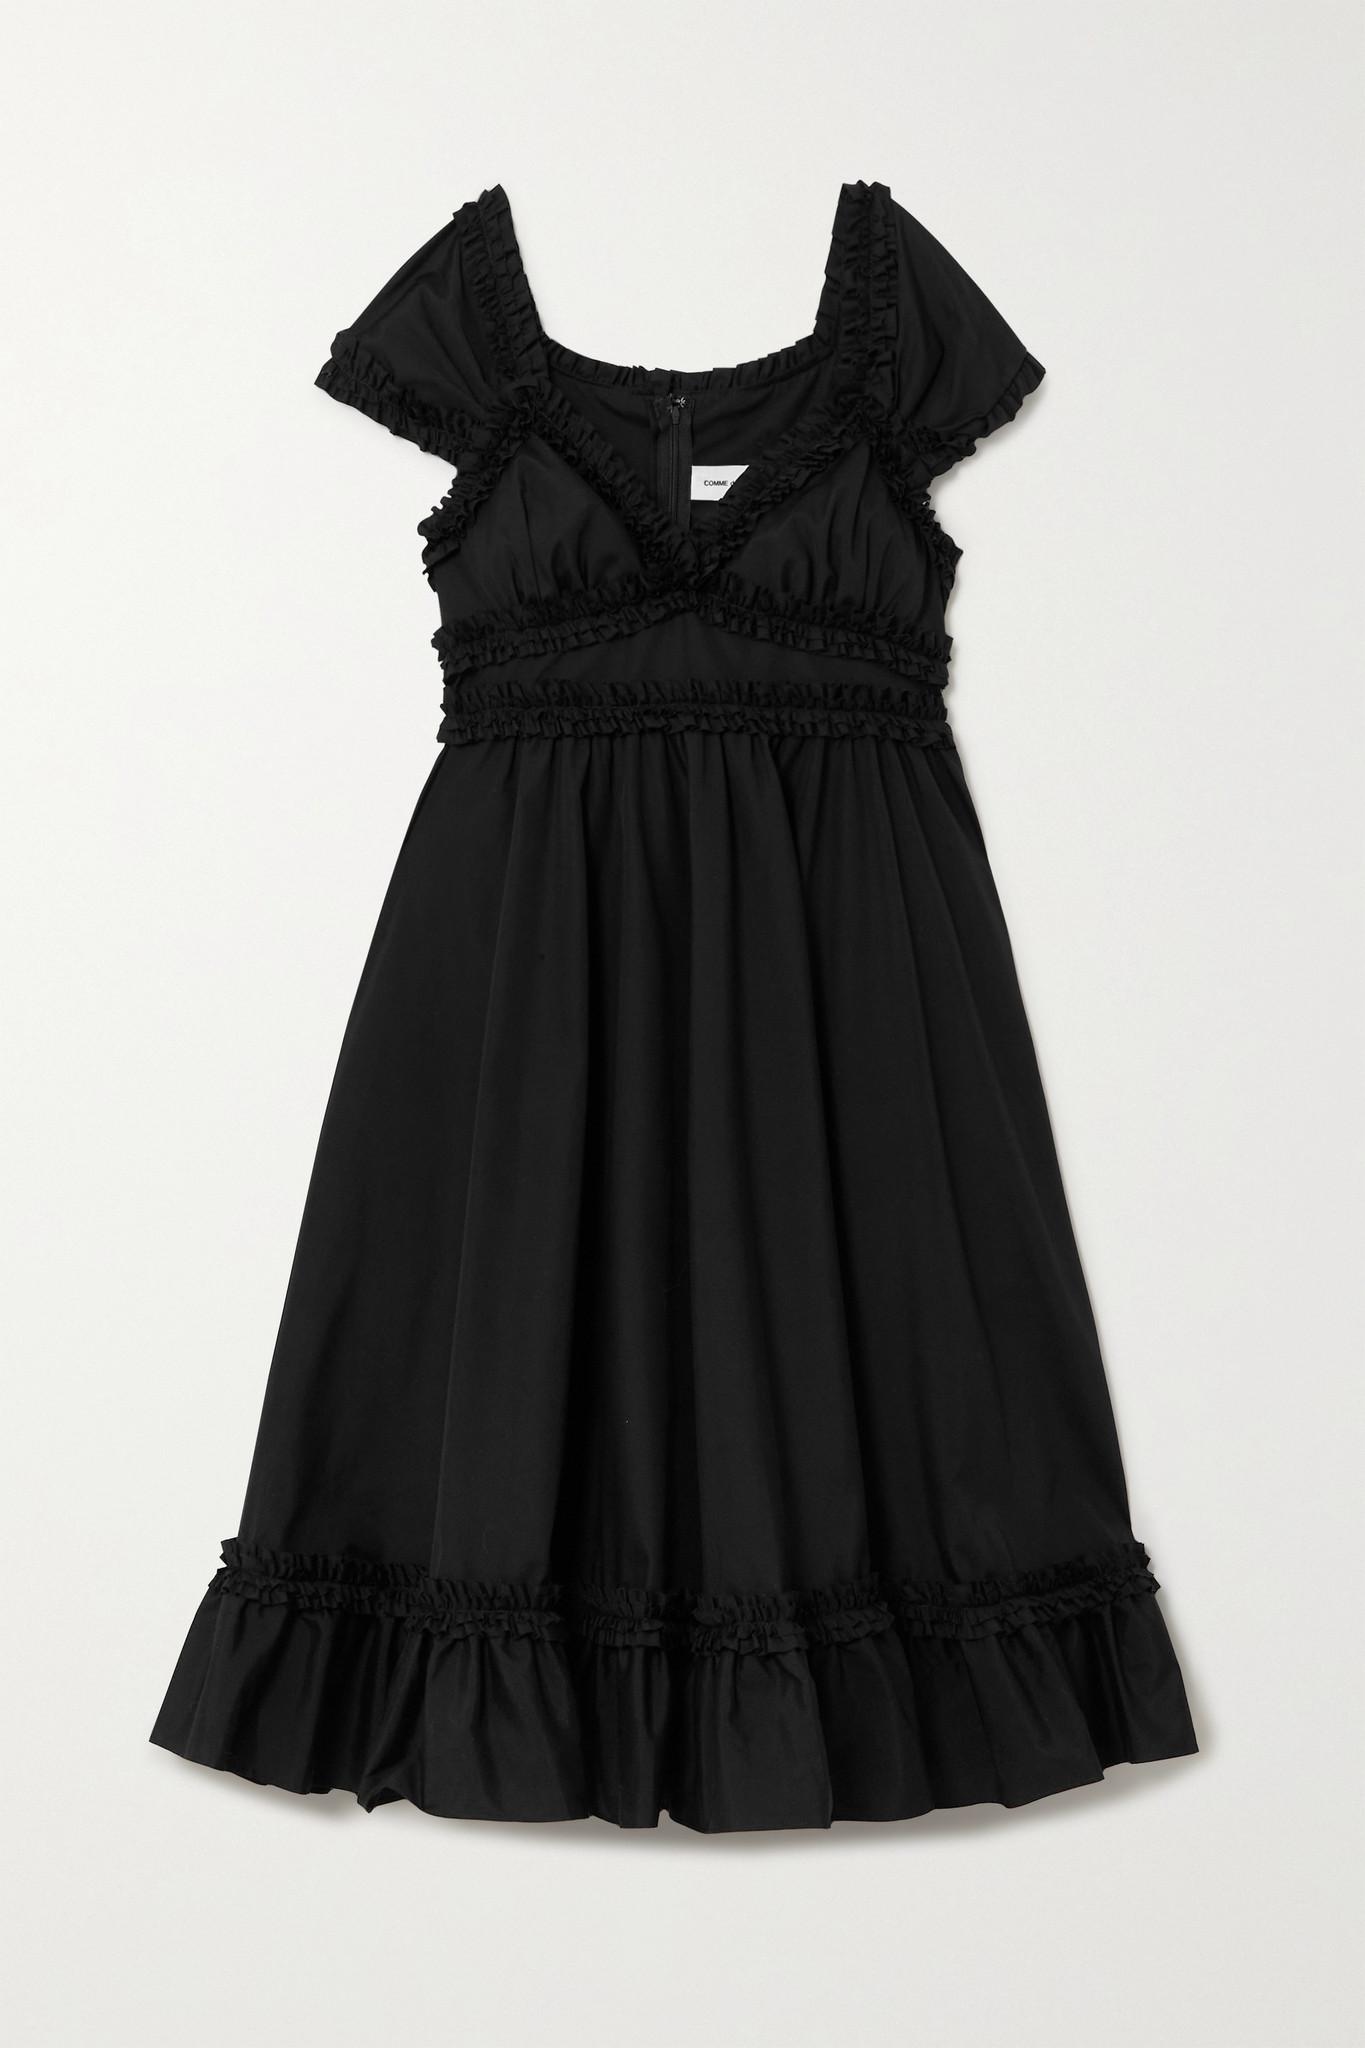 COMME DES GARÇONS GIRL - Ruffled Cotton Dress - Black - medium